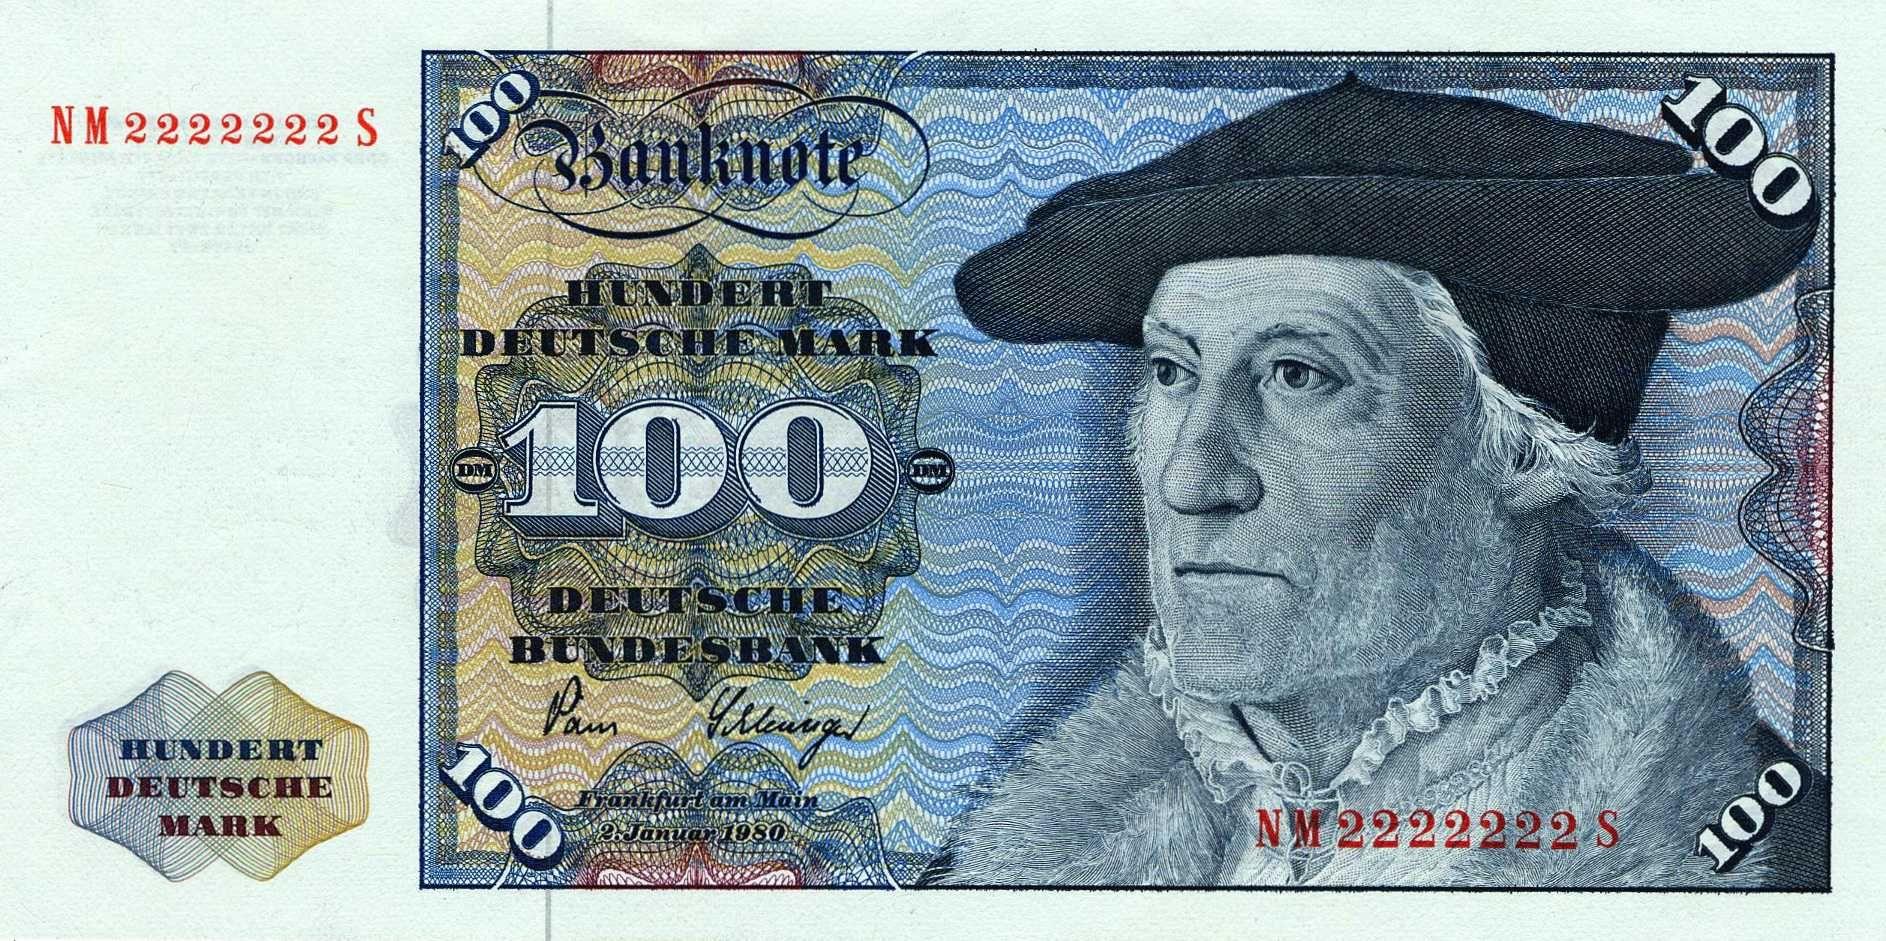 Banknote 100 Deutsche Mark Munster 1980 Money, Old money